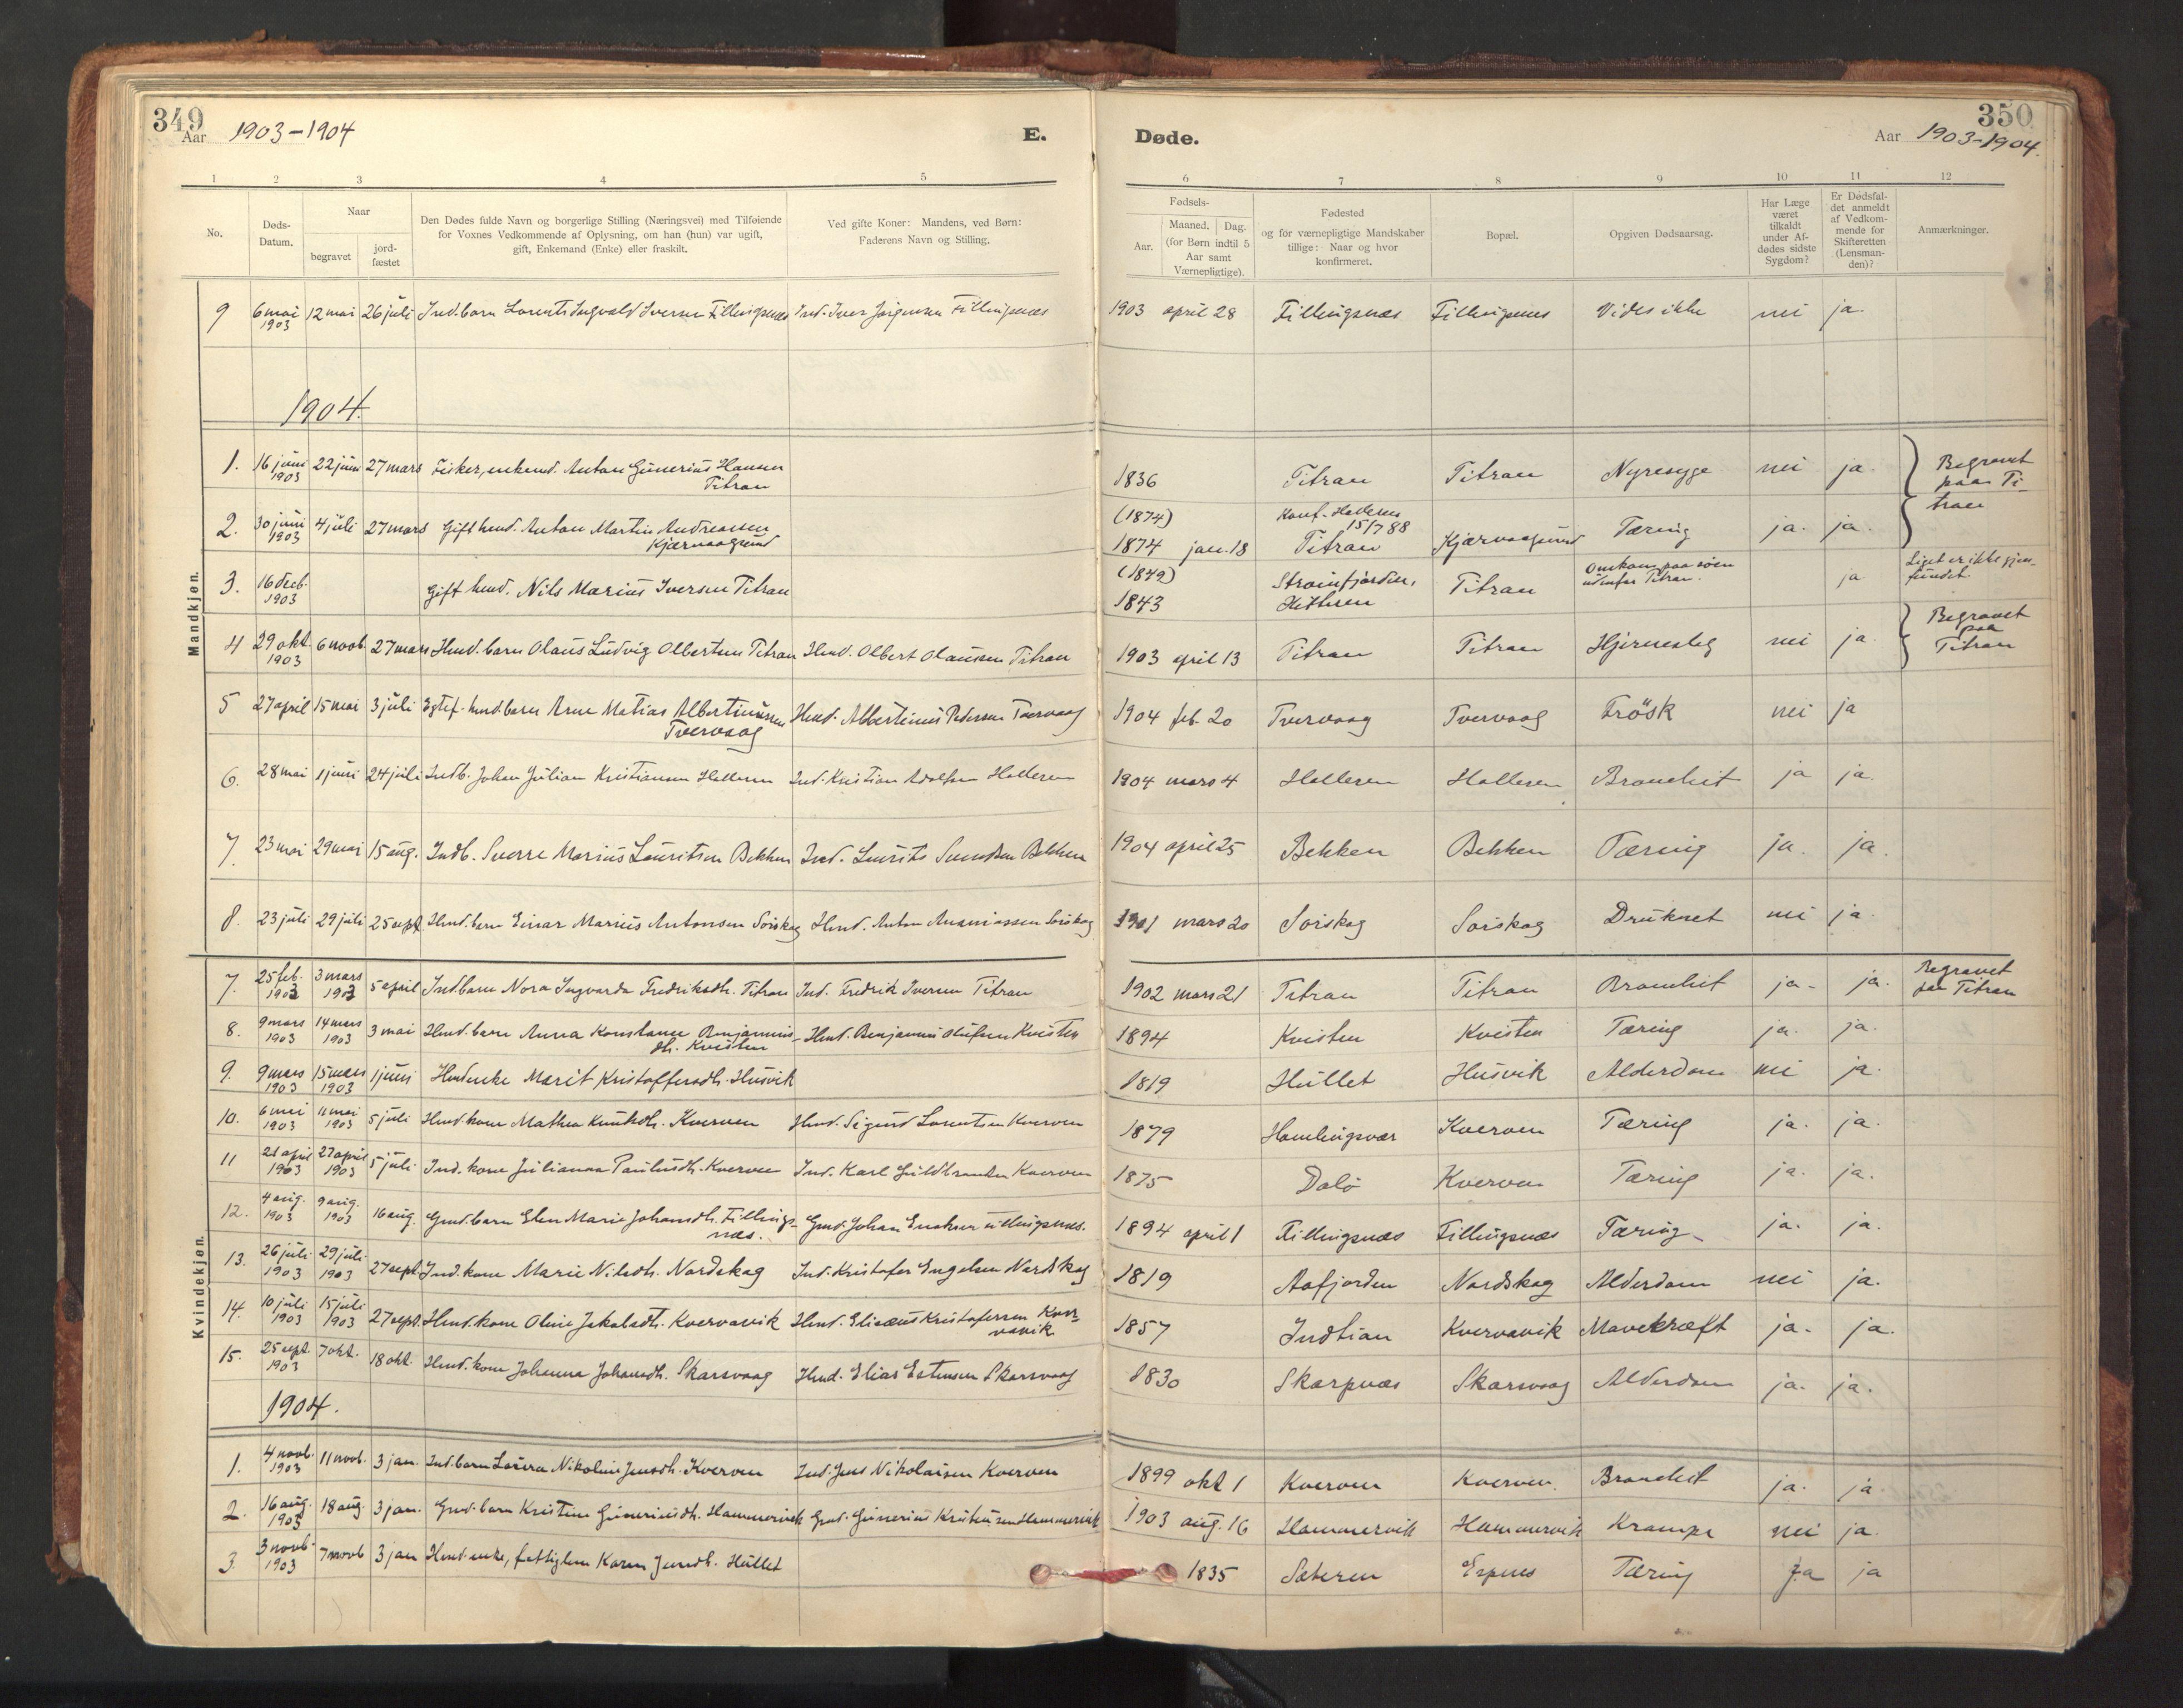 SAT, Ministerialprotokoller, klokkerbøker og fødselsregistre - Sør-Trøndelag, 641/L0596: Ministerialbok nr. 641A02, 1898-1915, s. 349-350